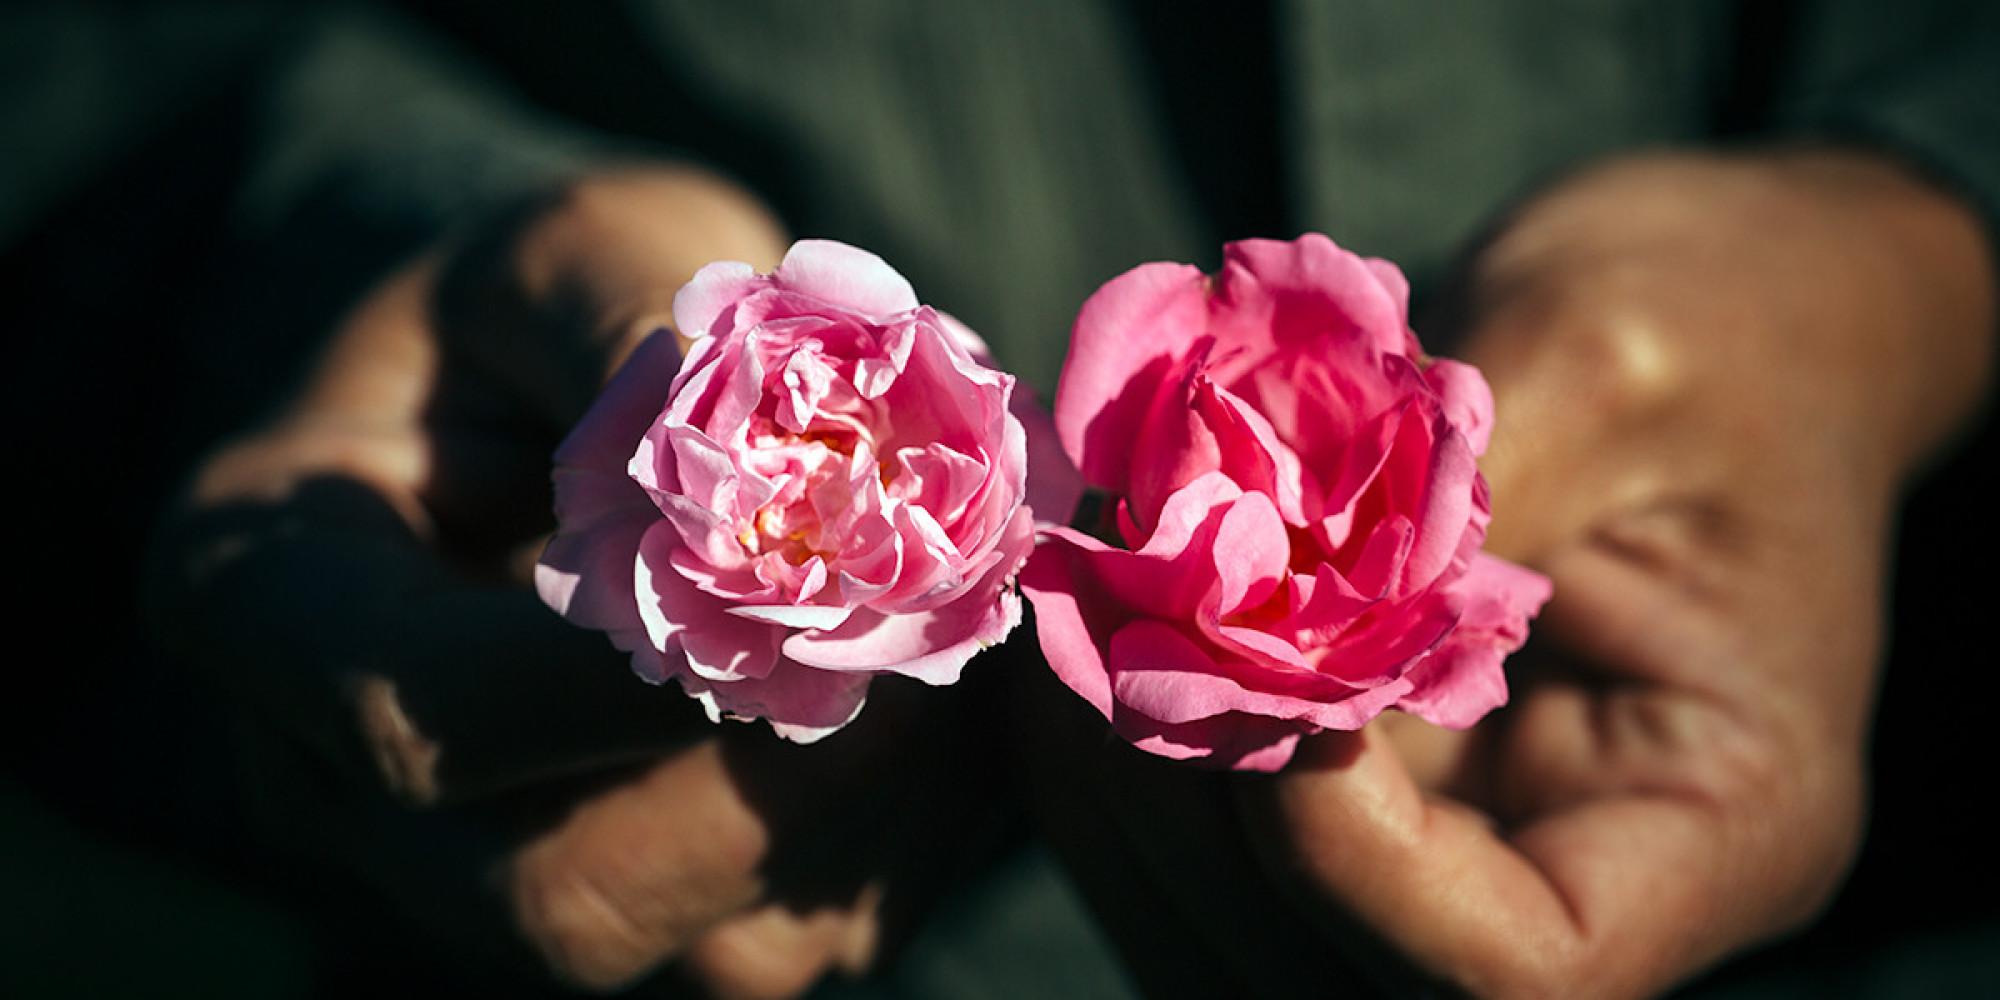 reportage kelaat mgouna pour le festival des roses photos chris griffiths. Black Bedroom Furniture Sets. Home Design Ideas